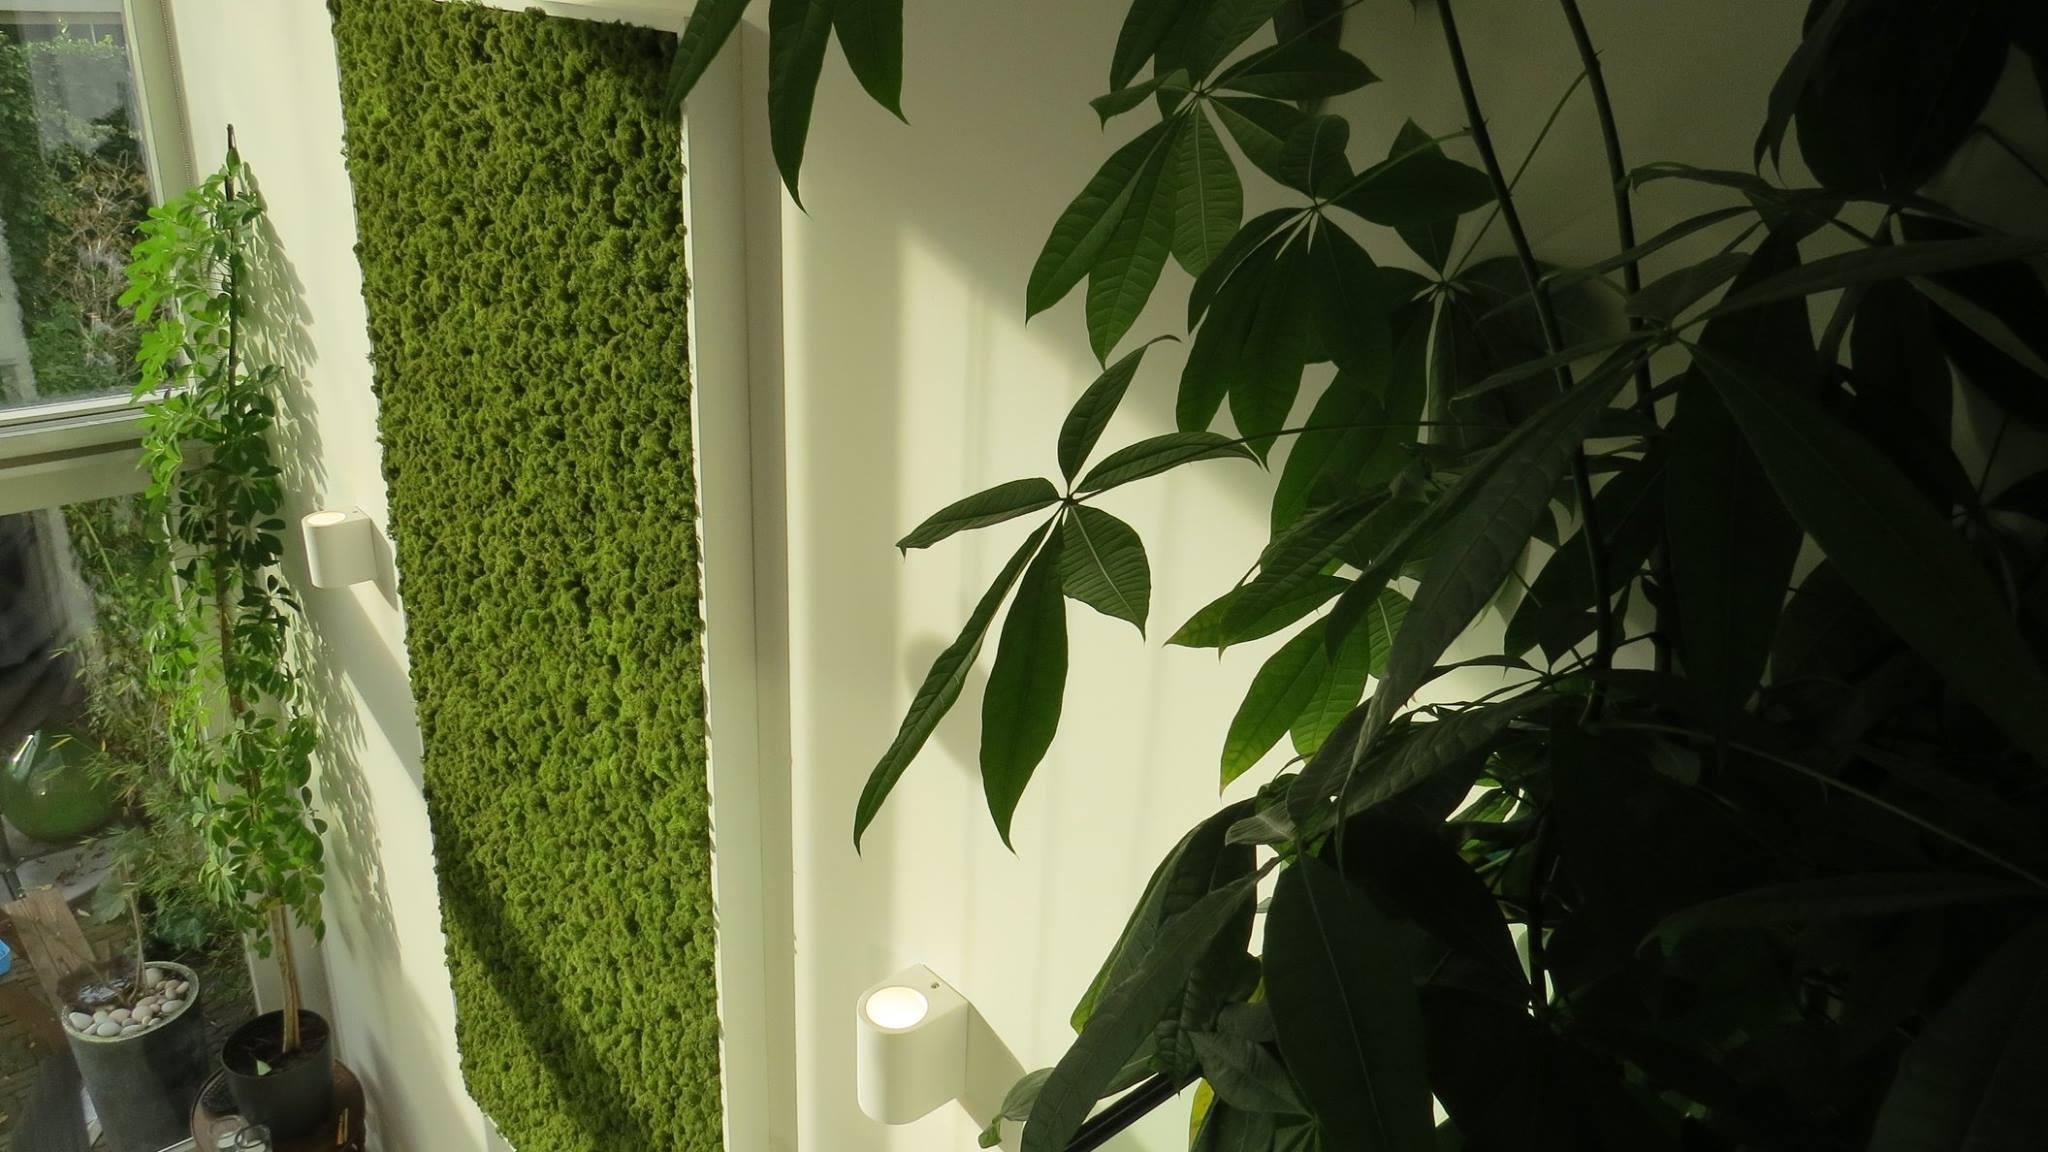 mosschilderij van Moswens in interieur #groen #schilderij #mos #moswens